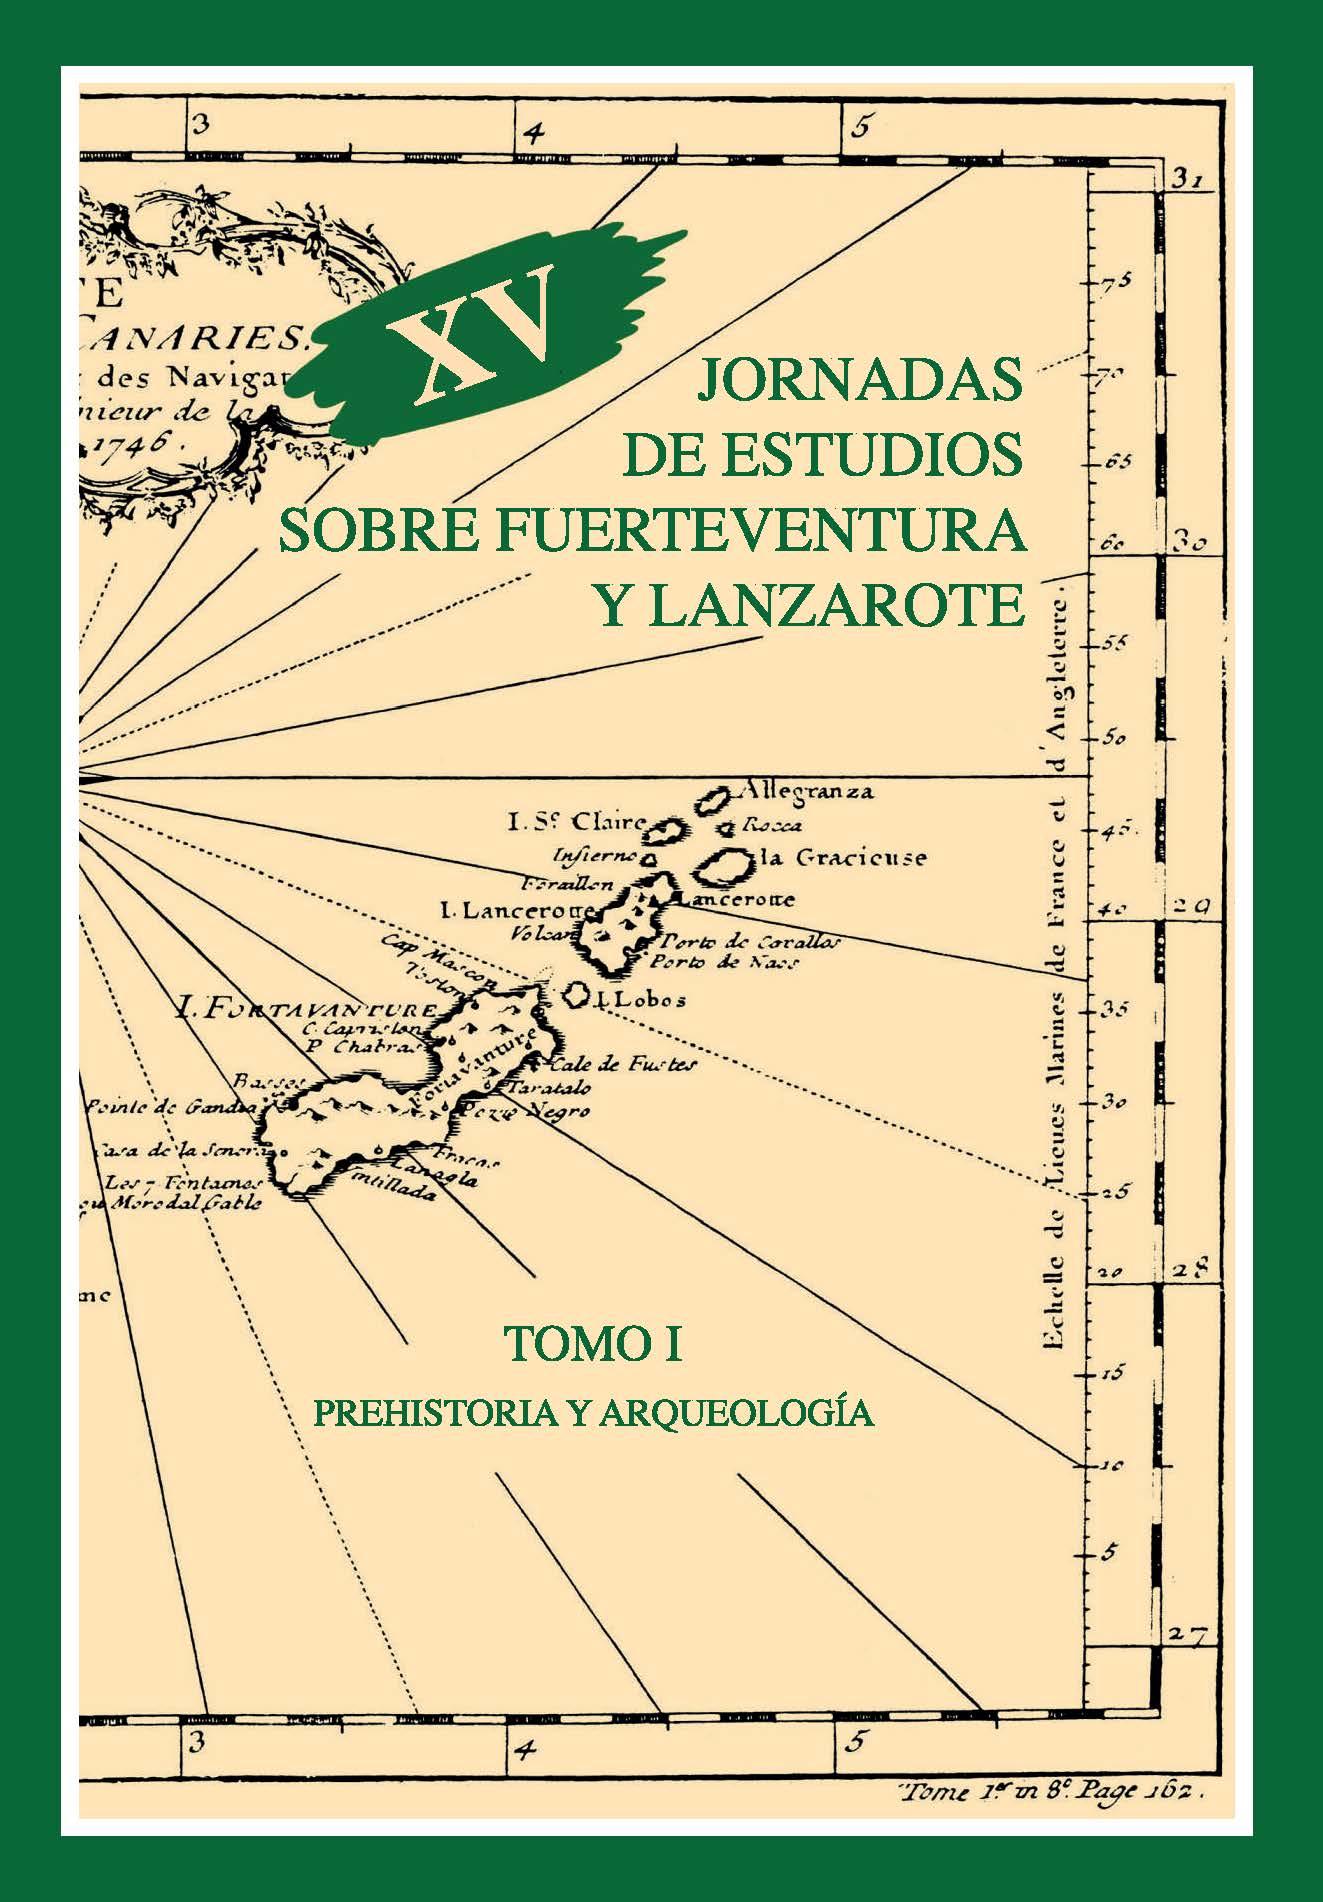 Prospecciones arqueológicas subacuáticas en el Bien de Interés Cultural de El Río (Lanzarote-La Graciosa, Islas Canarias)